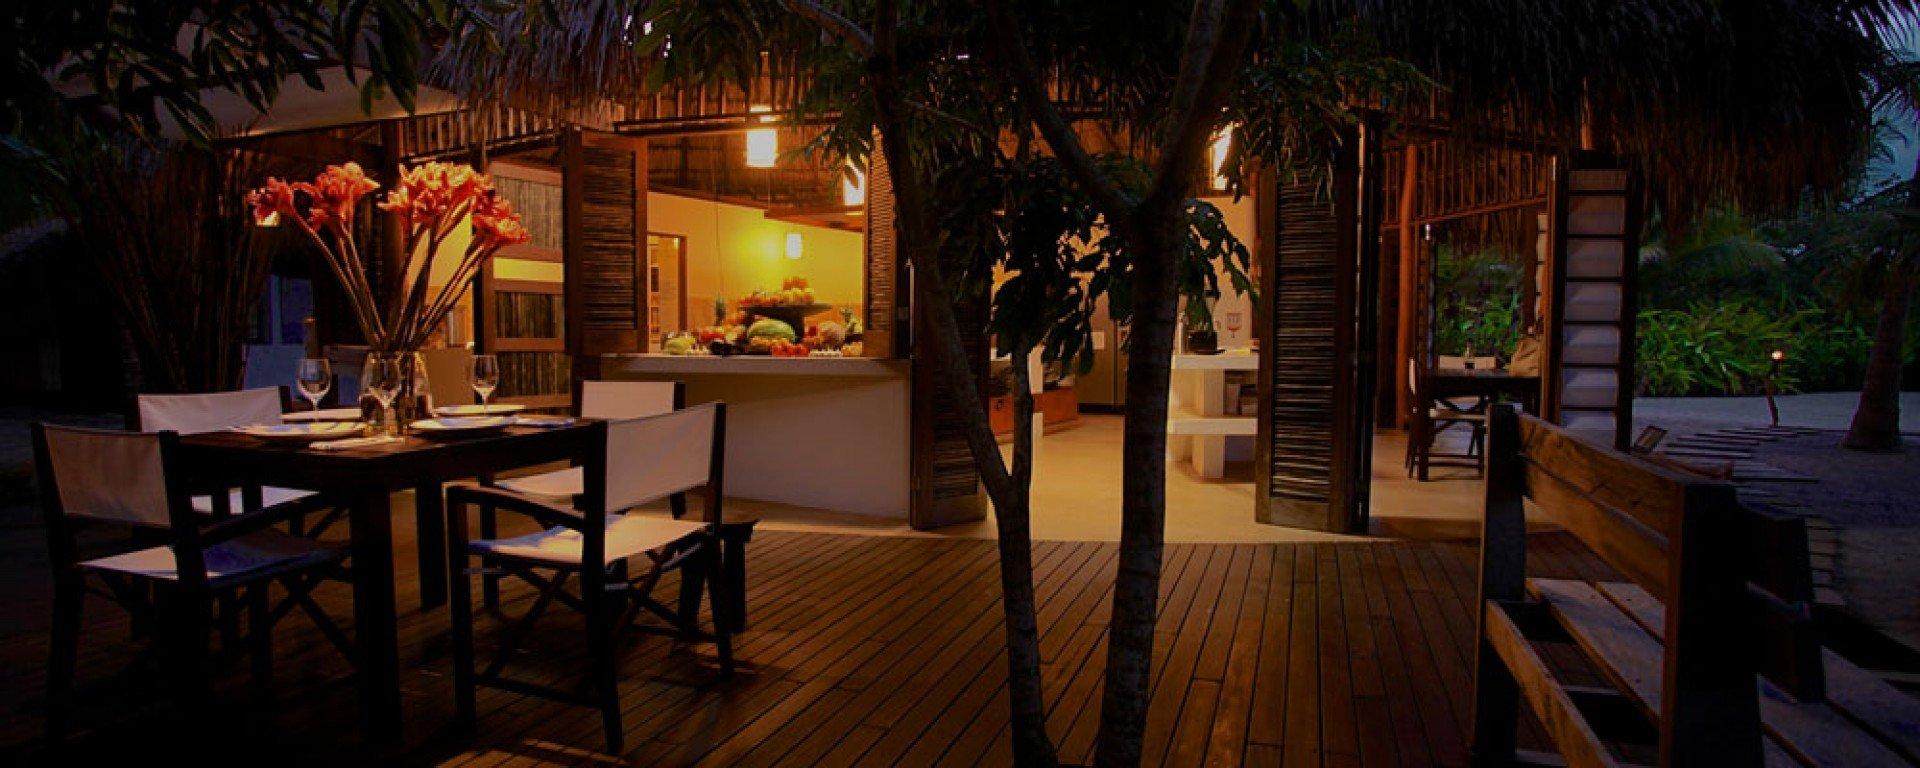 Merecumbe hotel front